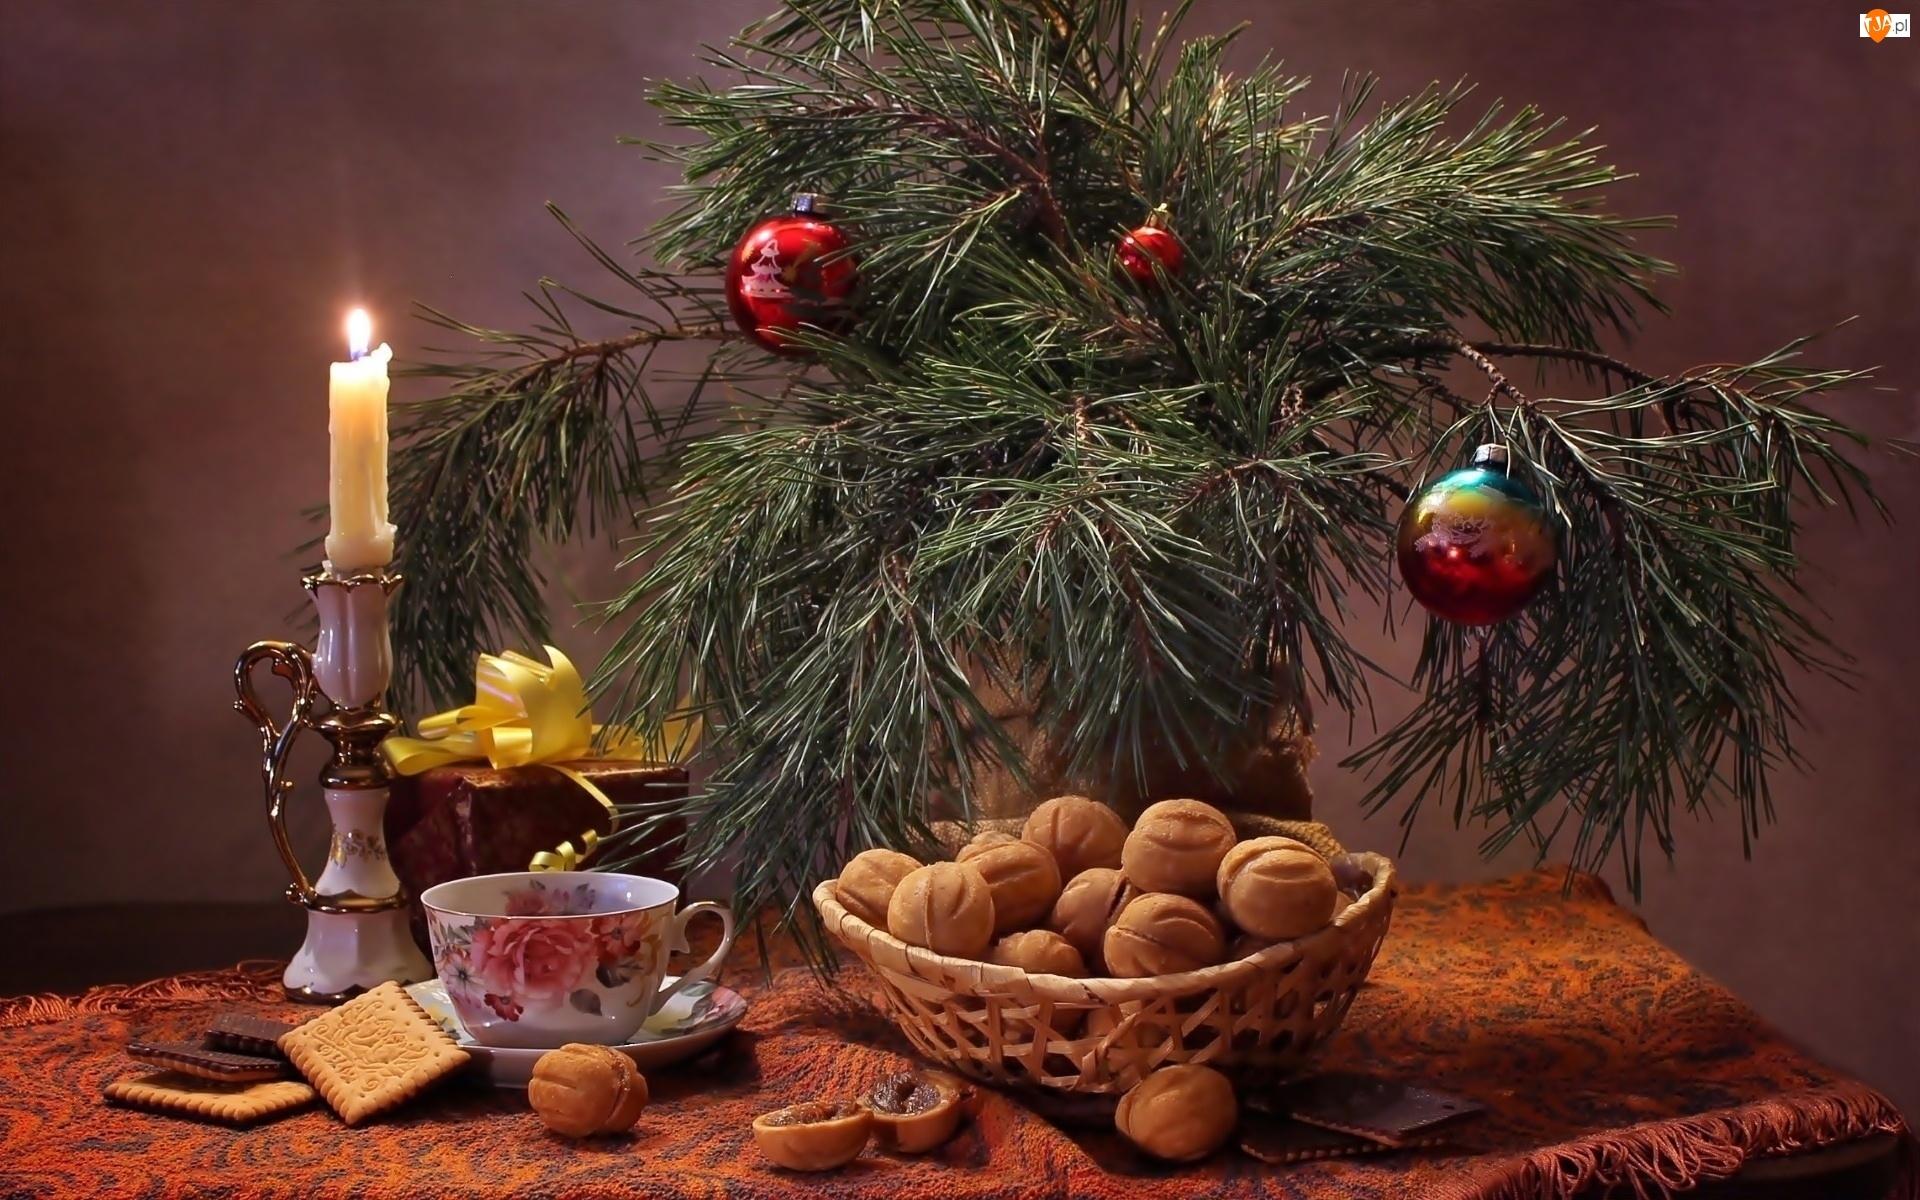 Kompozycja, Świeca, Świąteczna, Sosny, Bombki, Gałęzie, Smakołyki, Flakon, Herbata